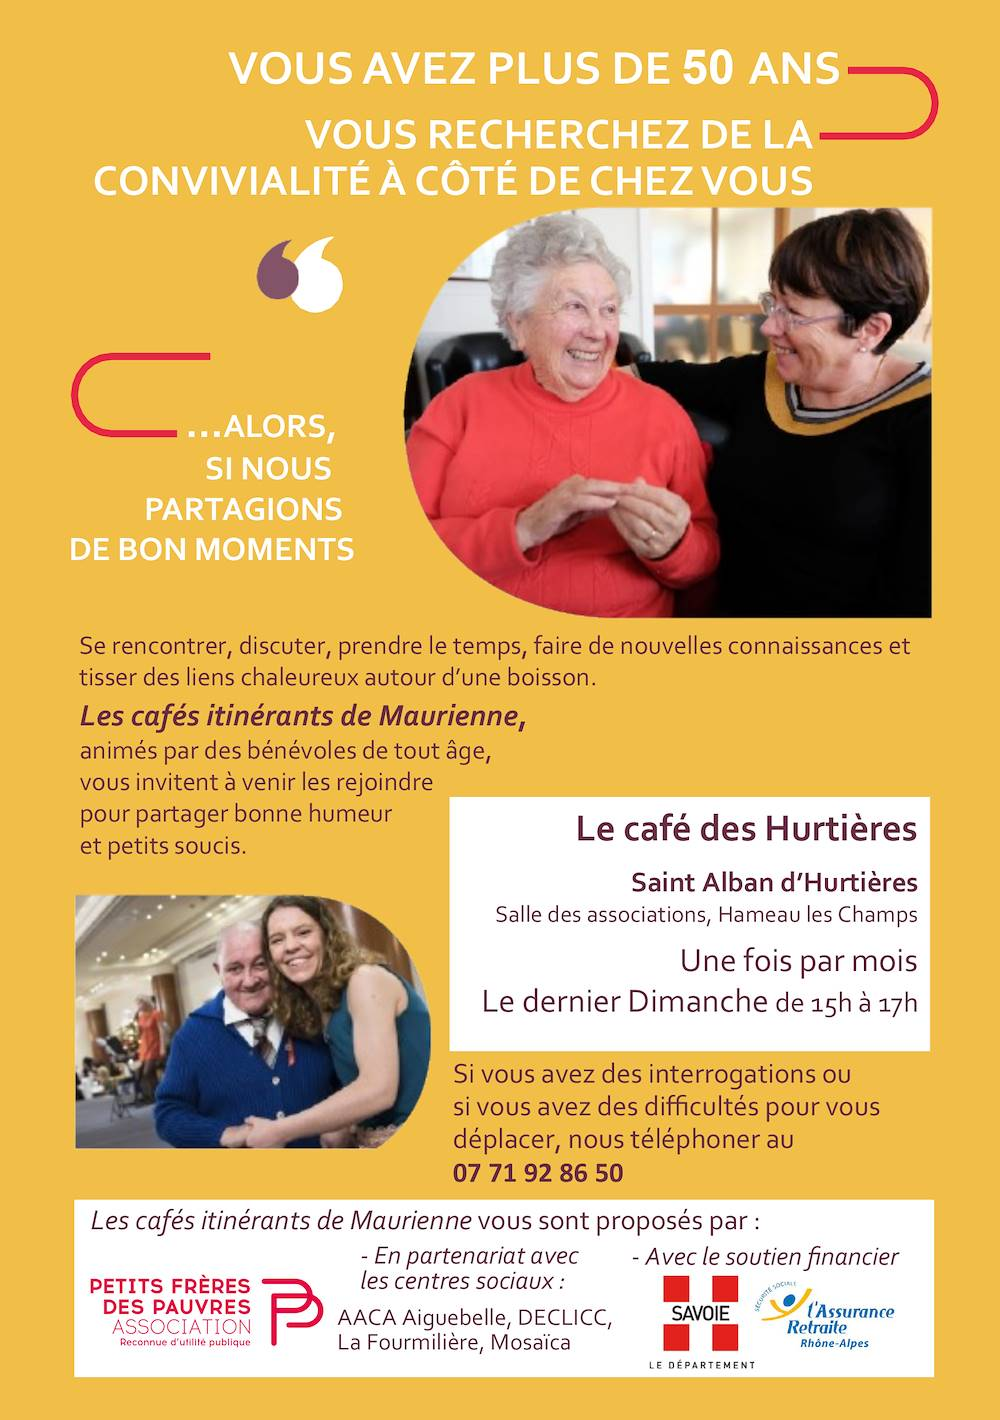 Café itinérant des Hurtières ©